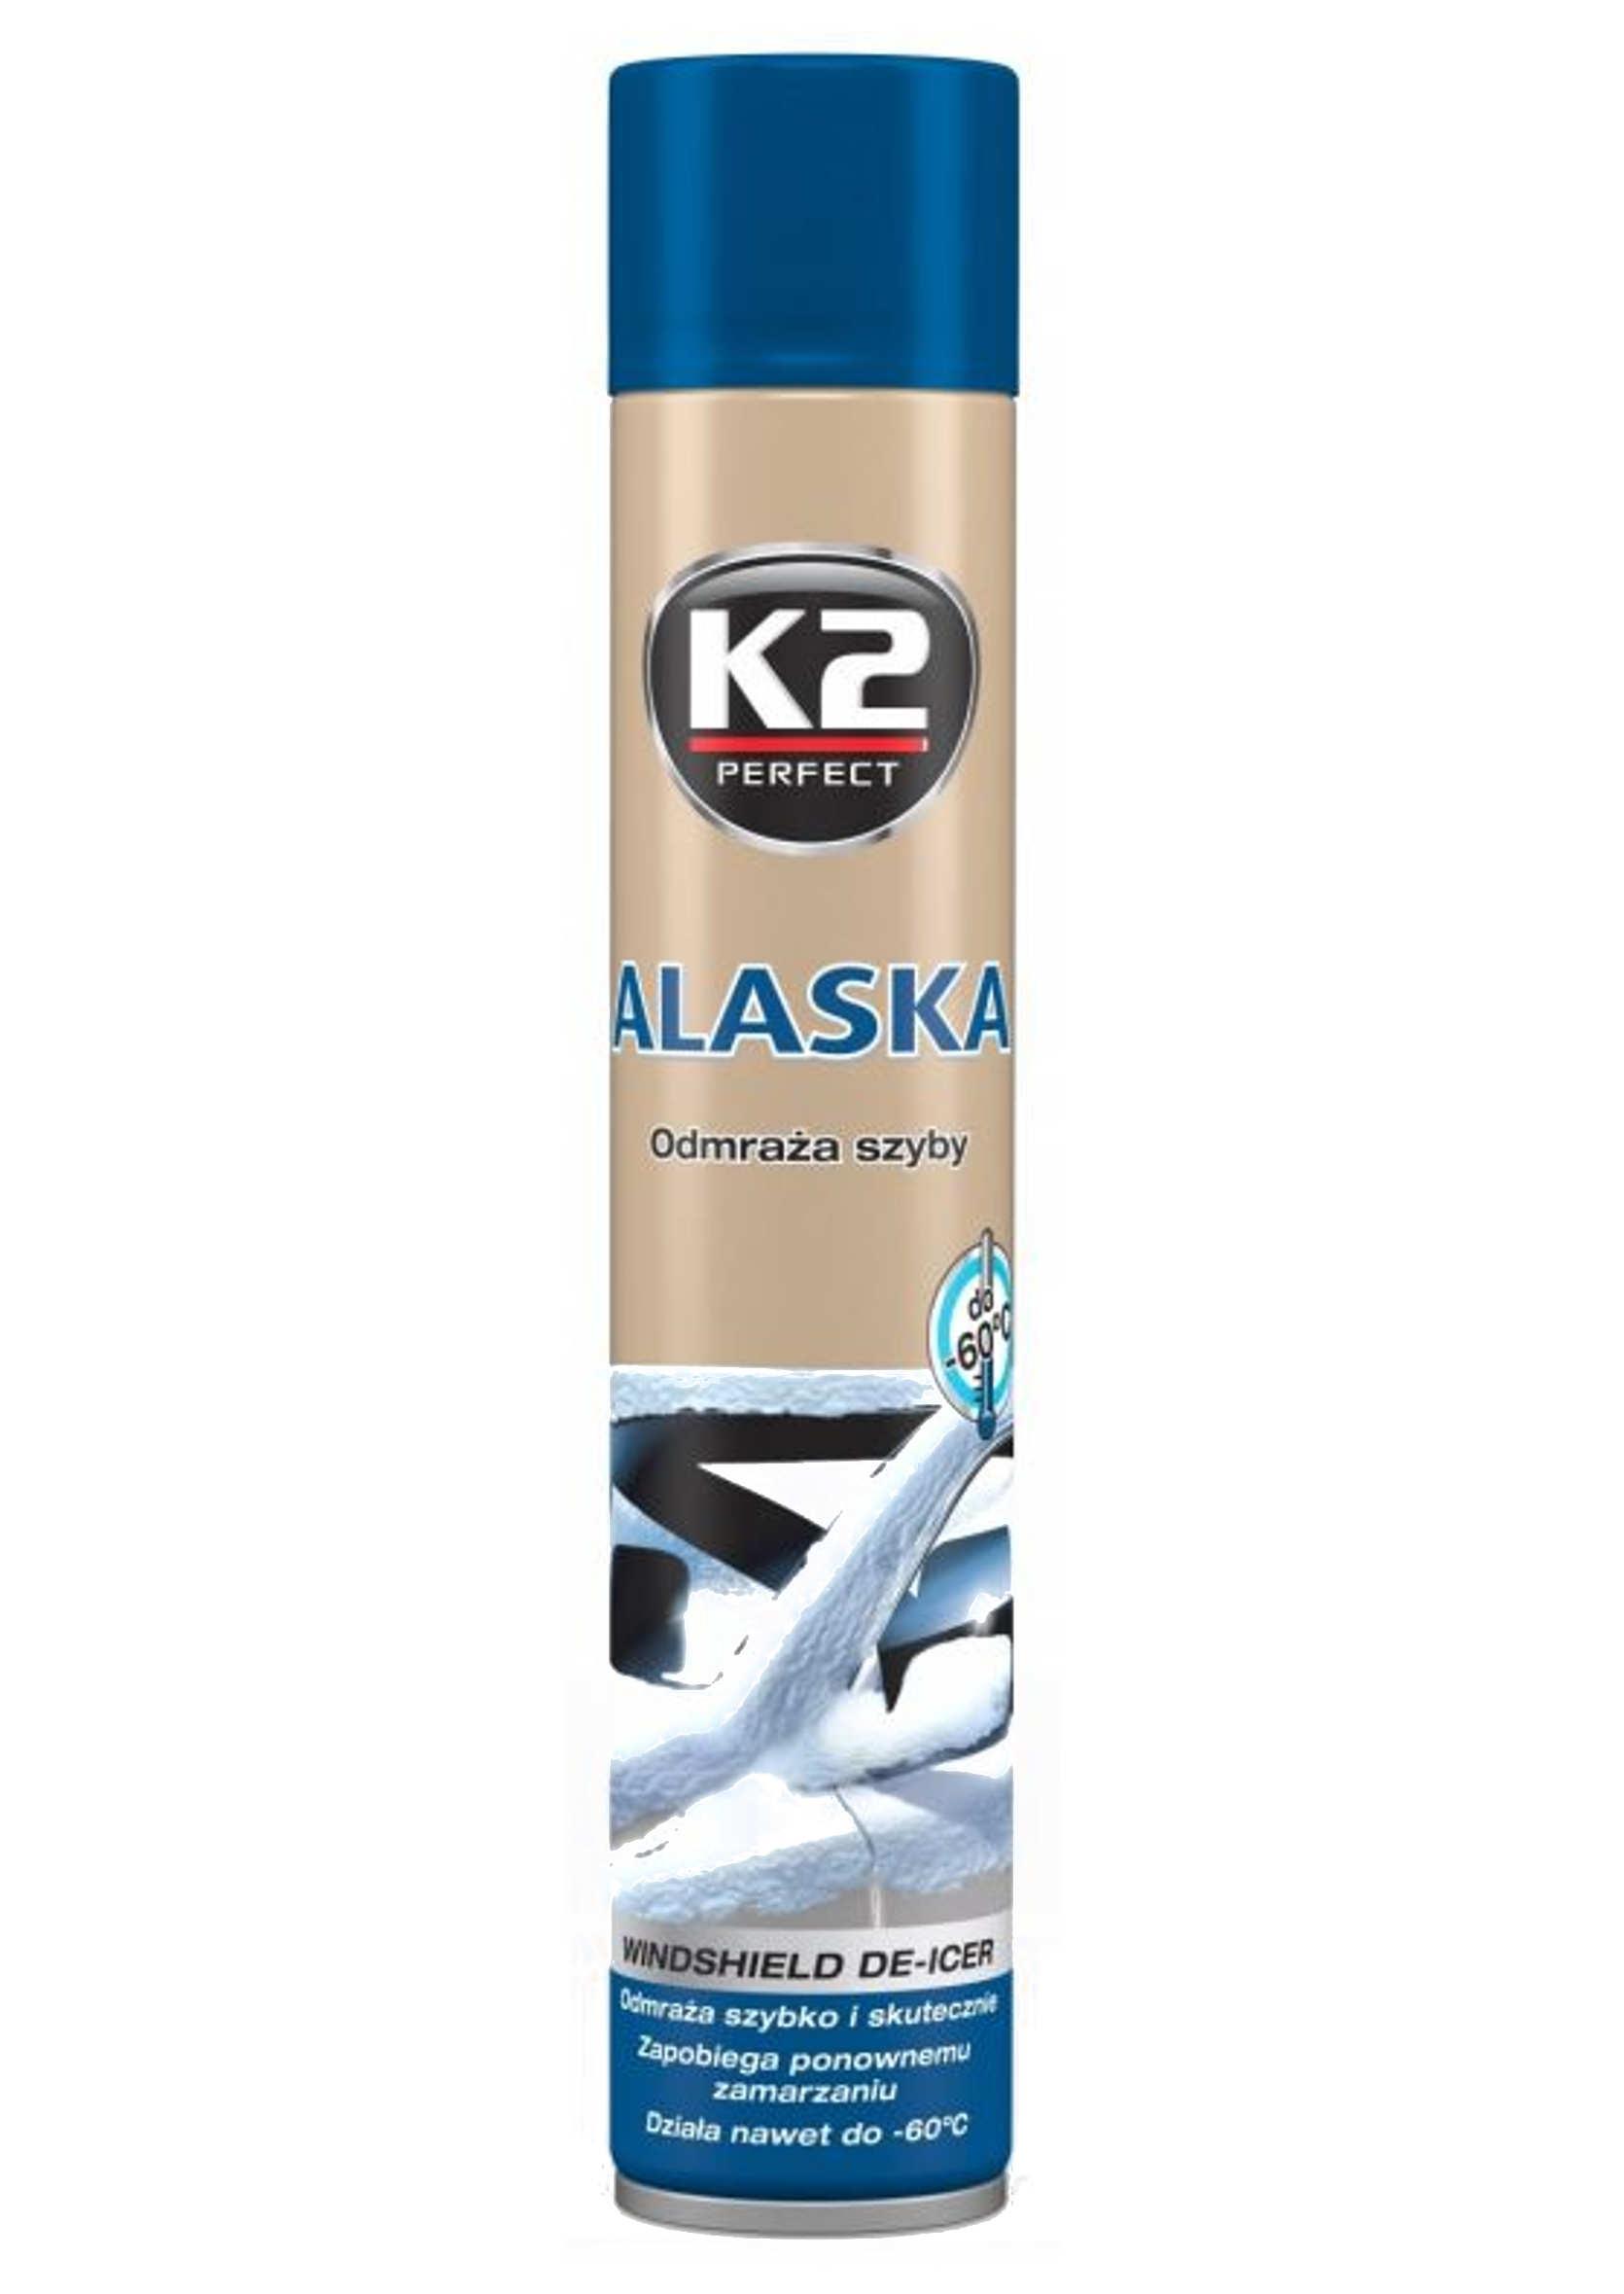 K2 Alaska 750ml Odmrażacz do szyb w samochodzie spray -60C